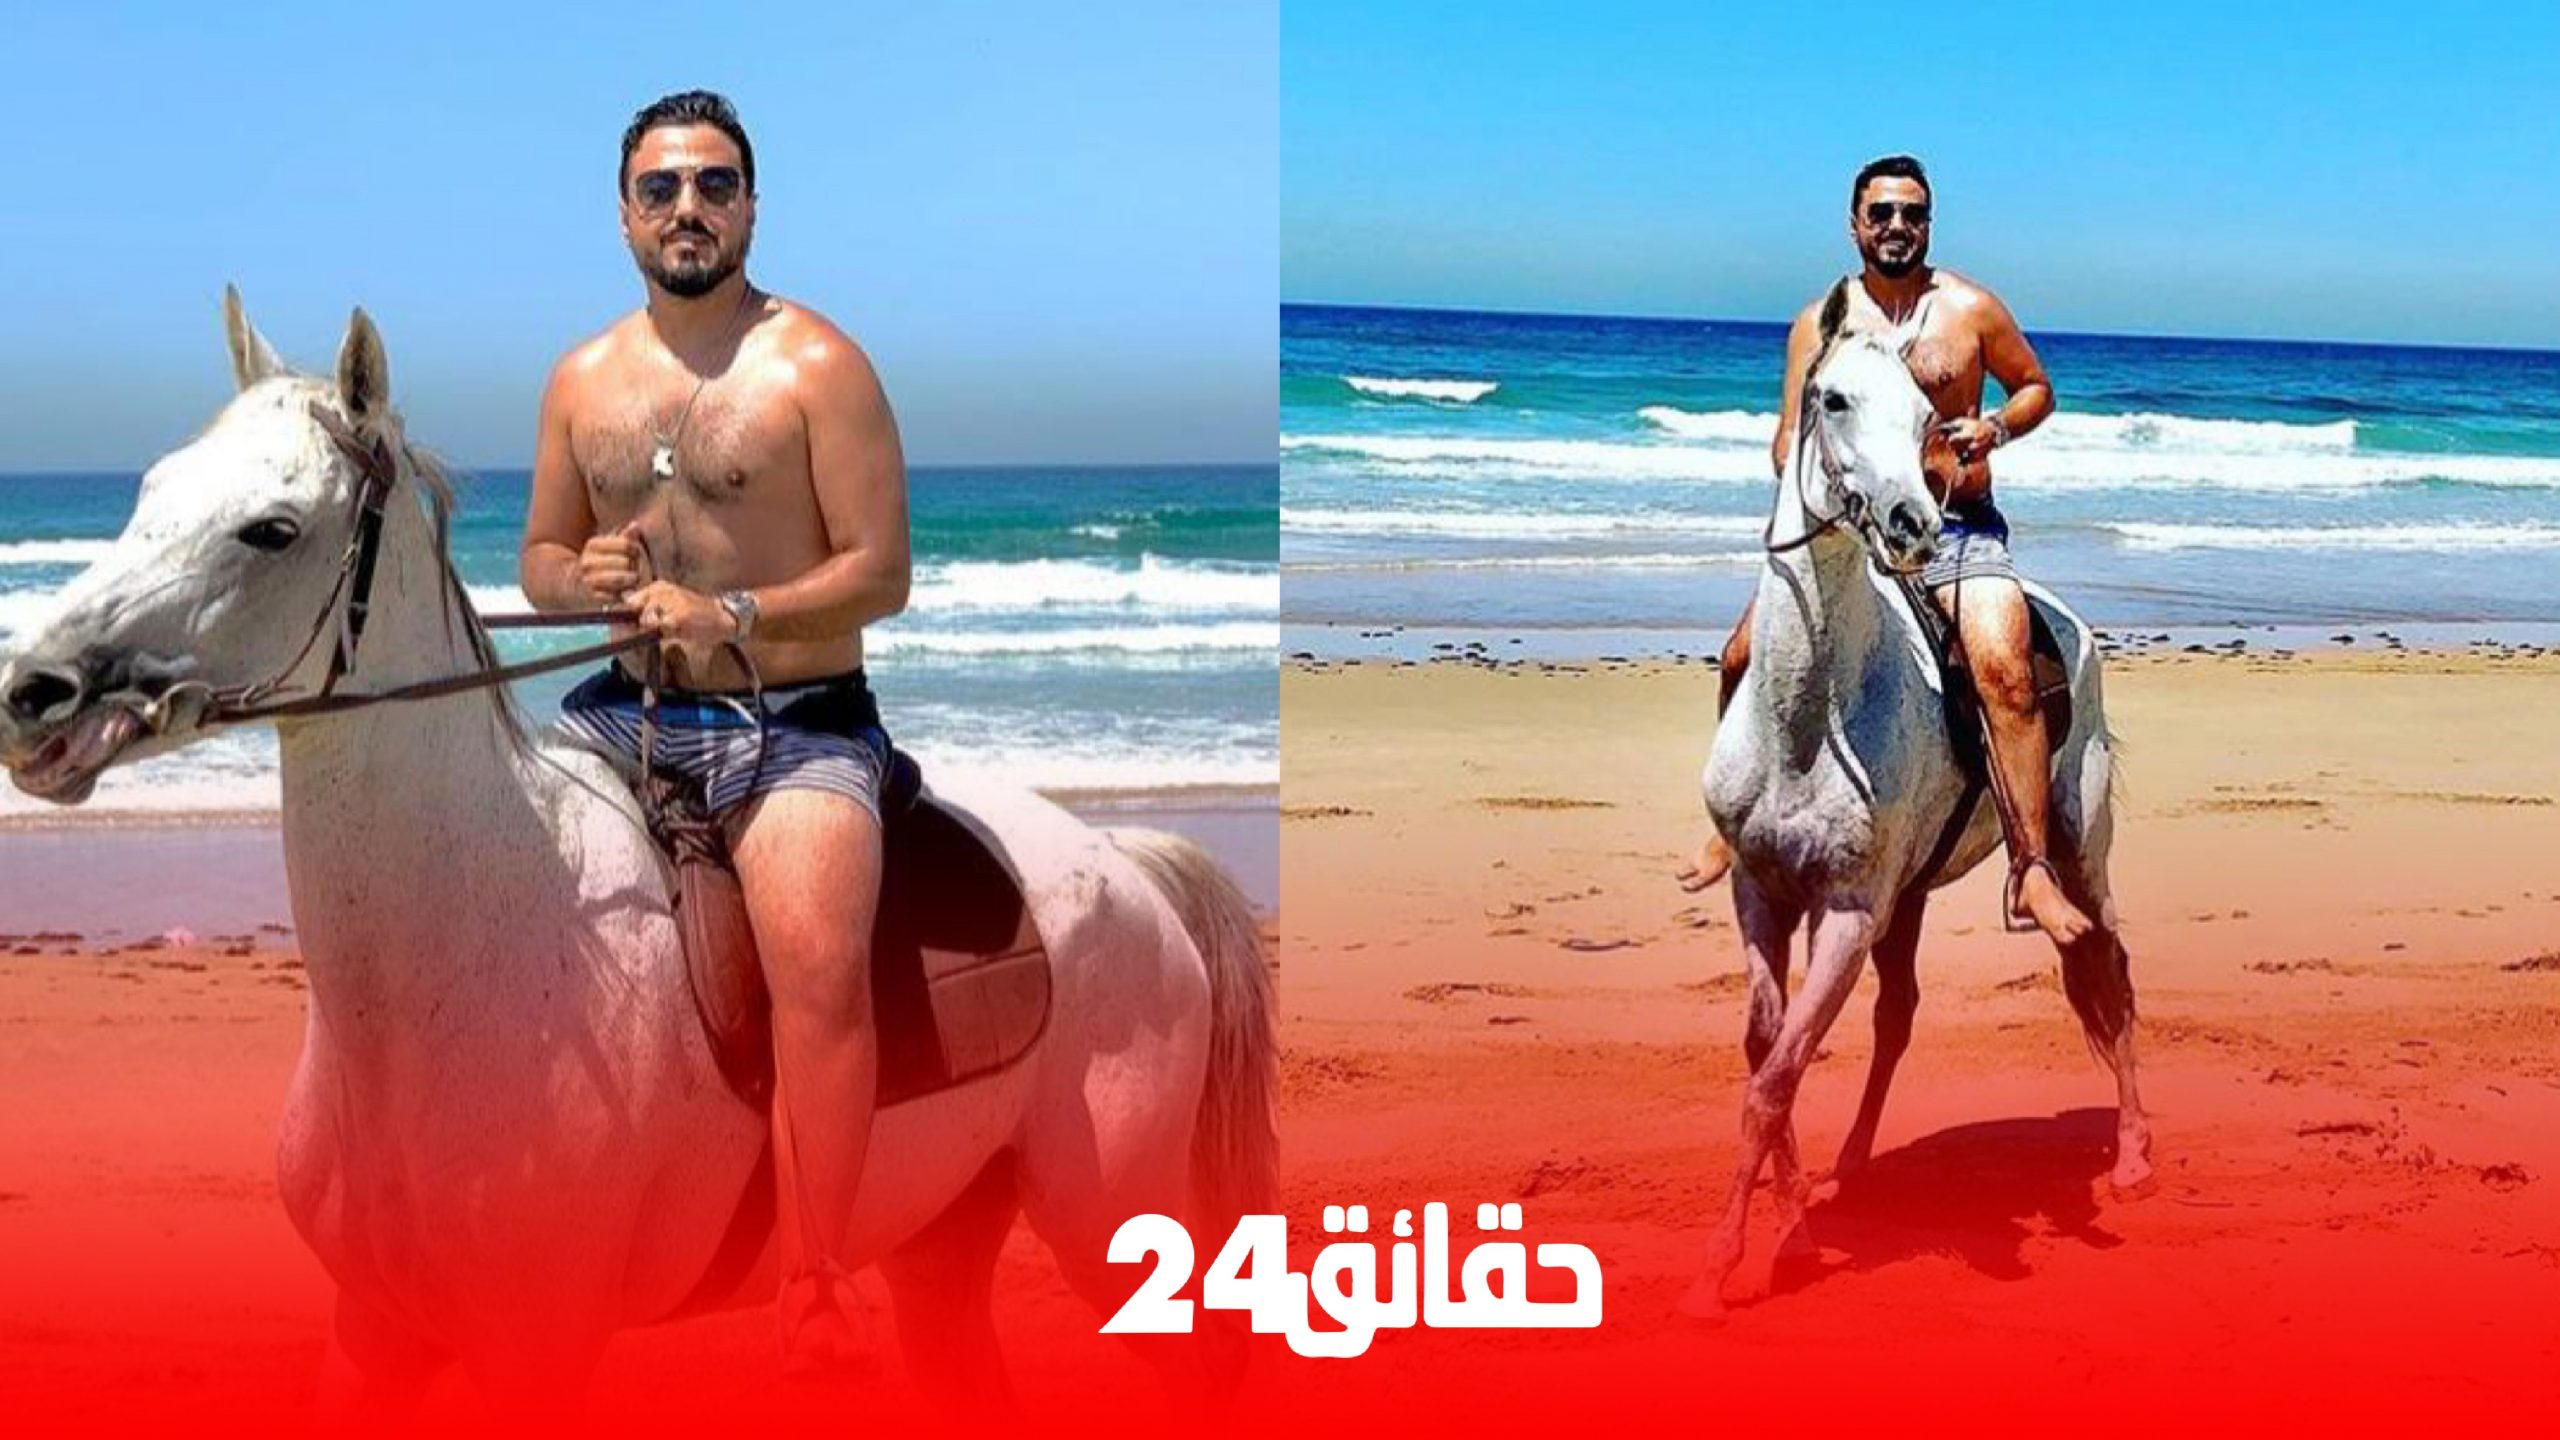 صورة اعتقال رشيد العلالي بتهمة خرق الحظر الصحي بمدينة طنجة